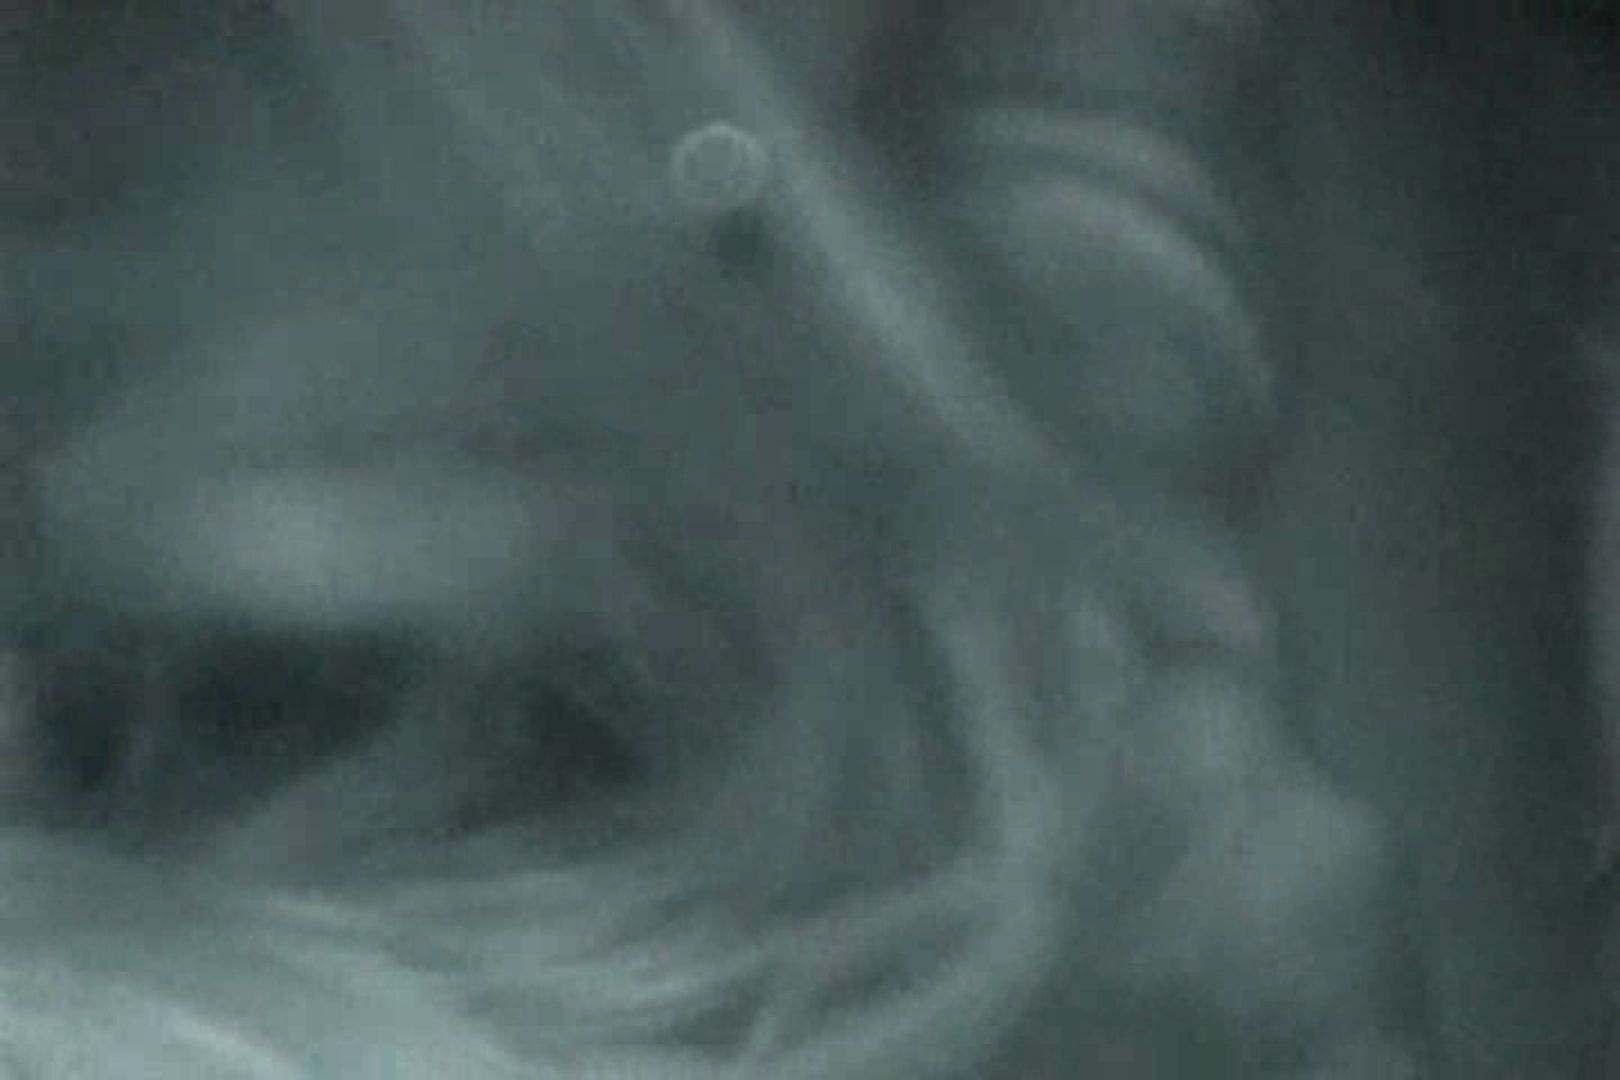 充血監督の深夜の運動会Vol.136 OLセックス 盗撮オマンコ無修正動画無料 100画像 23